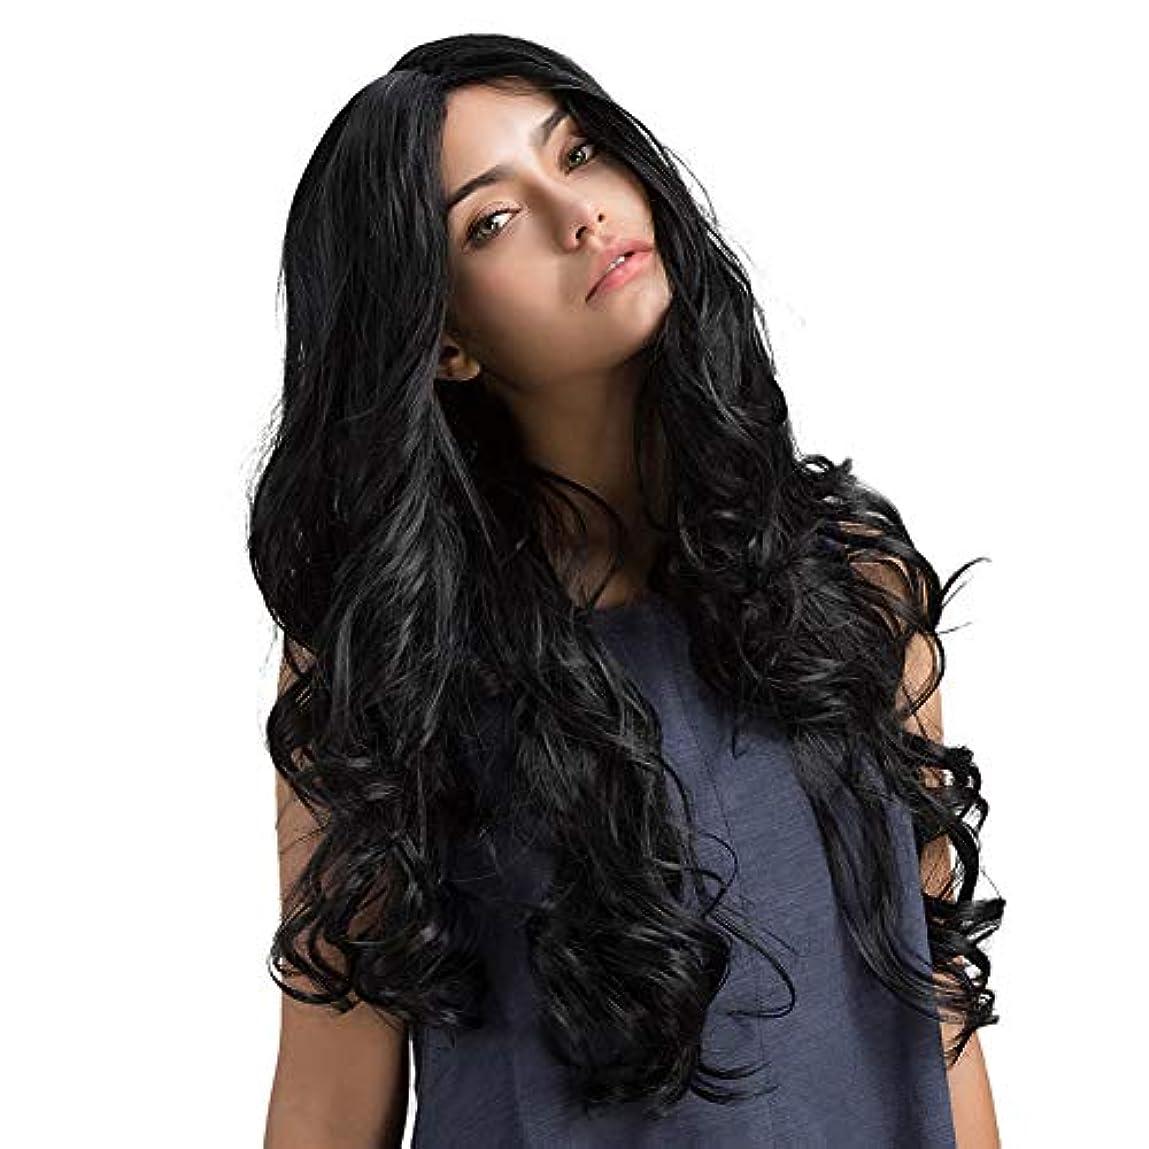 マルコポーロ音楽を聴くプラスslQinjiansav女性ウィッグレースキャップ女性ブラックロングカーリー波状髪ウィッグレースキャップシミュレート頭皮弾性ヘアピース